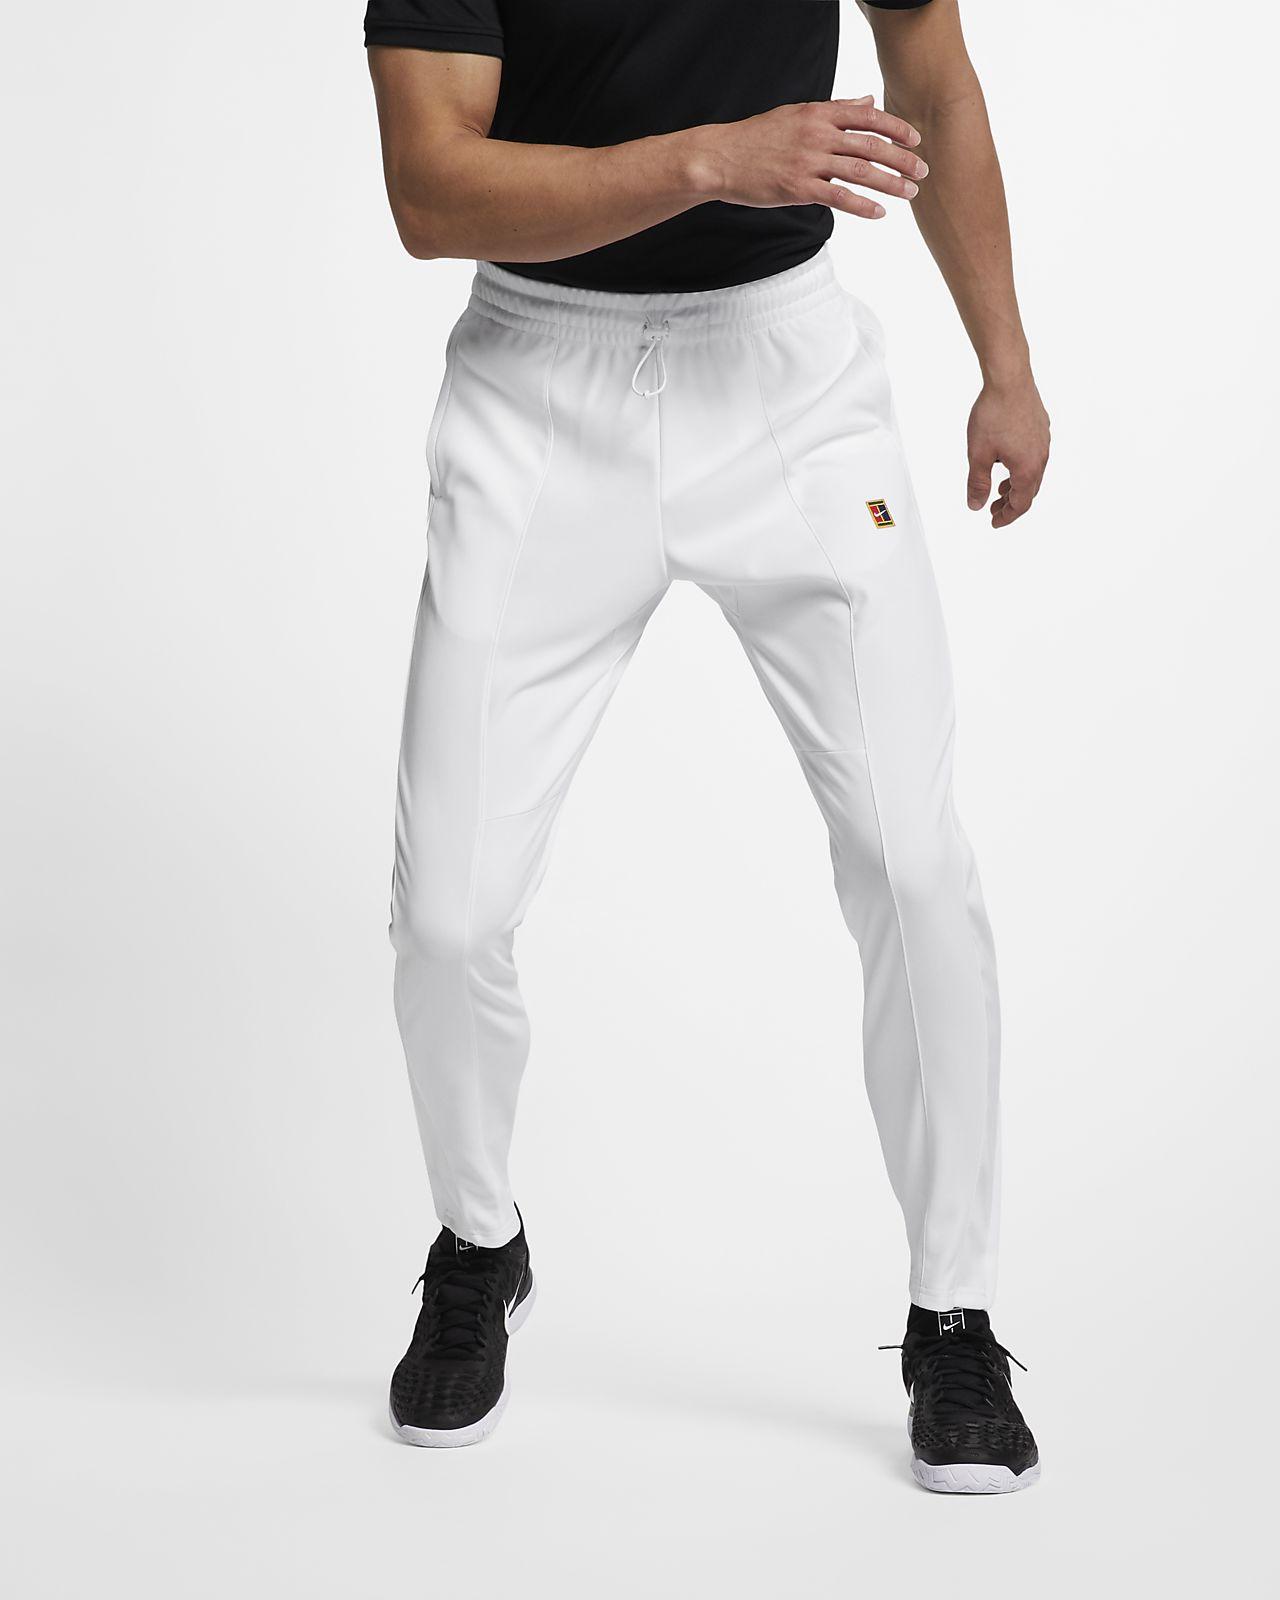 Tennisbyxor NikeCourt för män